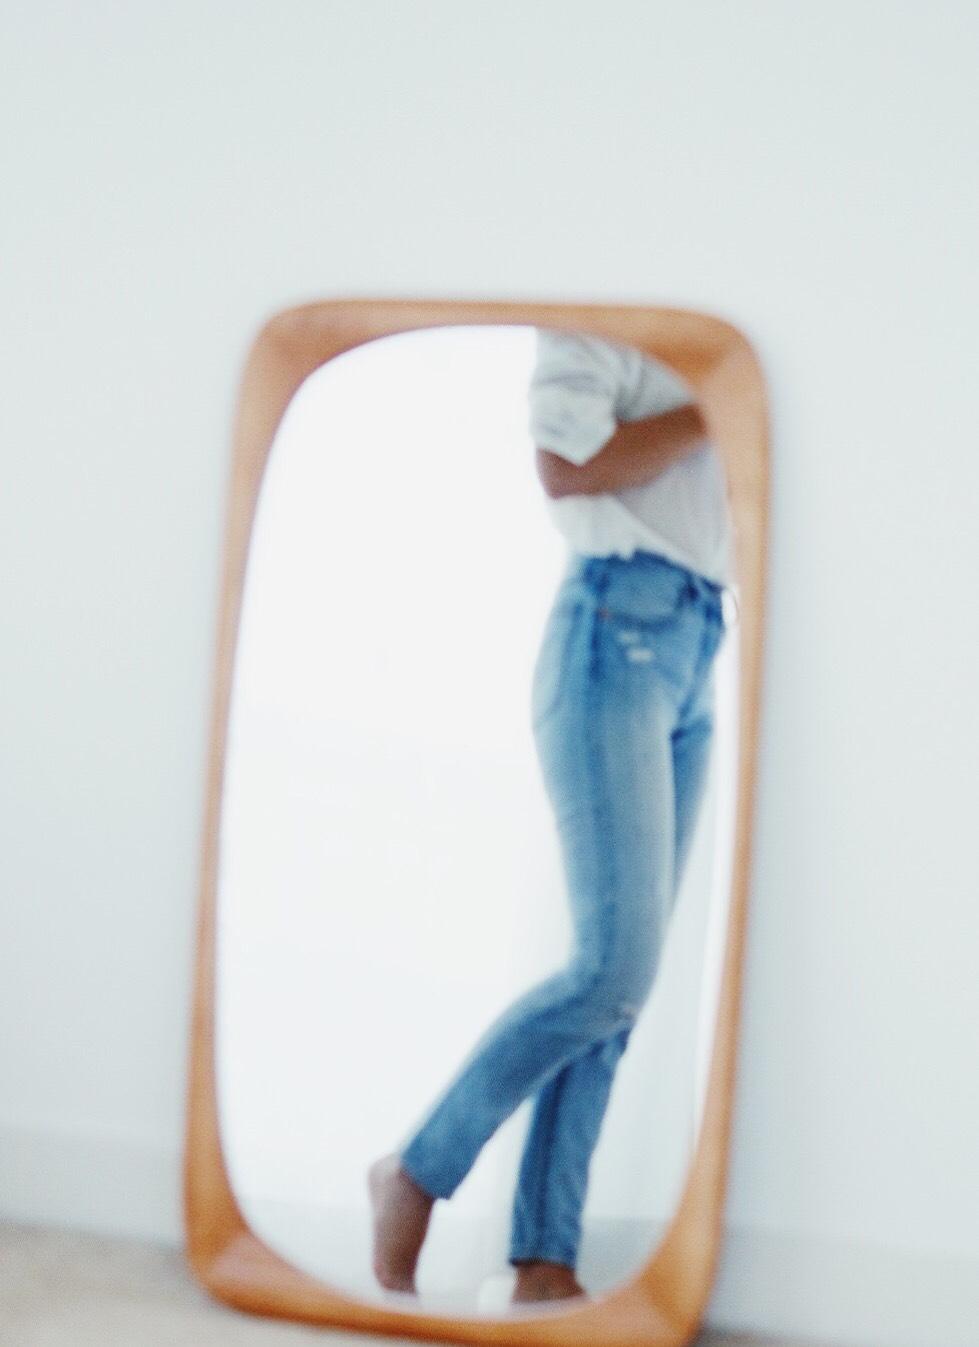 Text i imatge:  Sara Birds